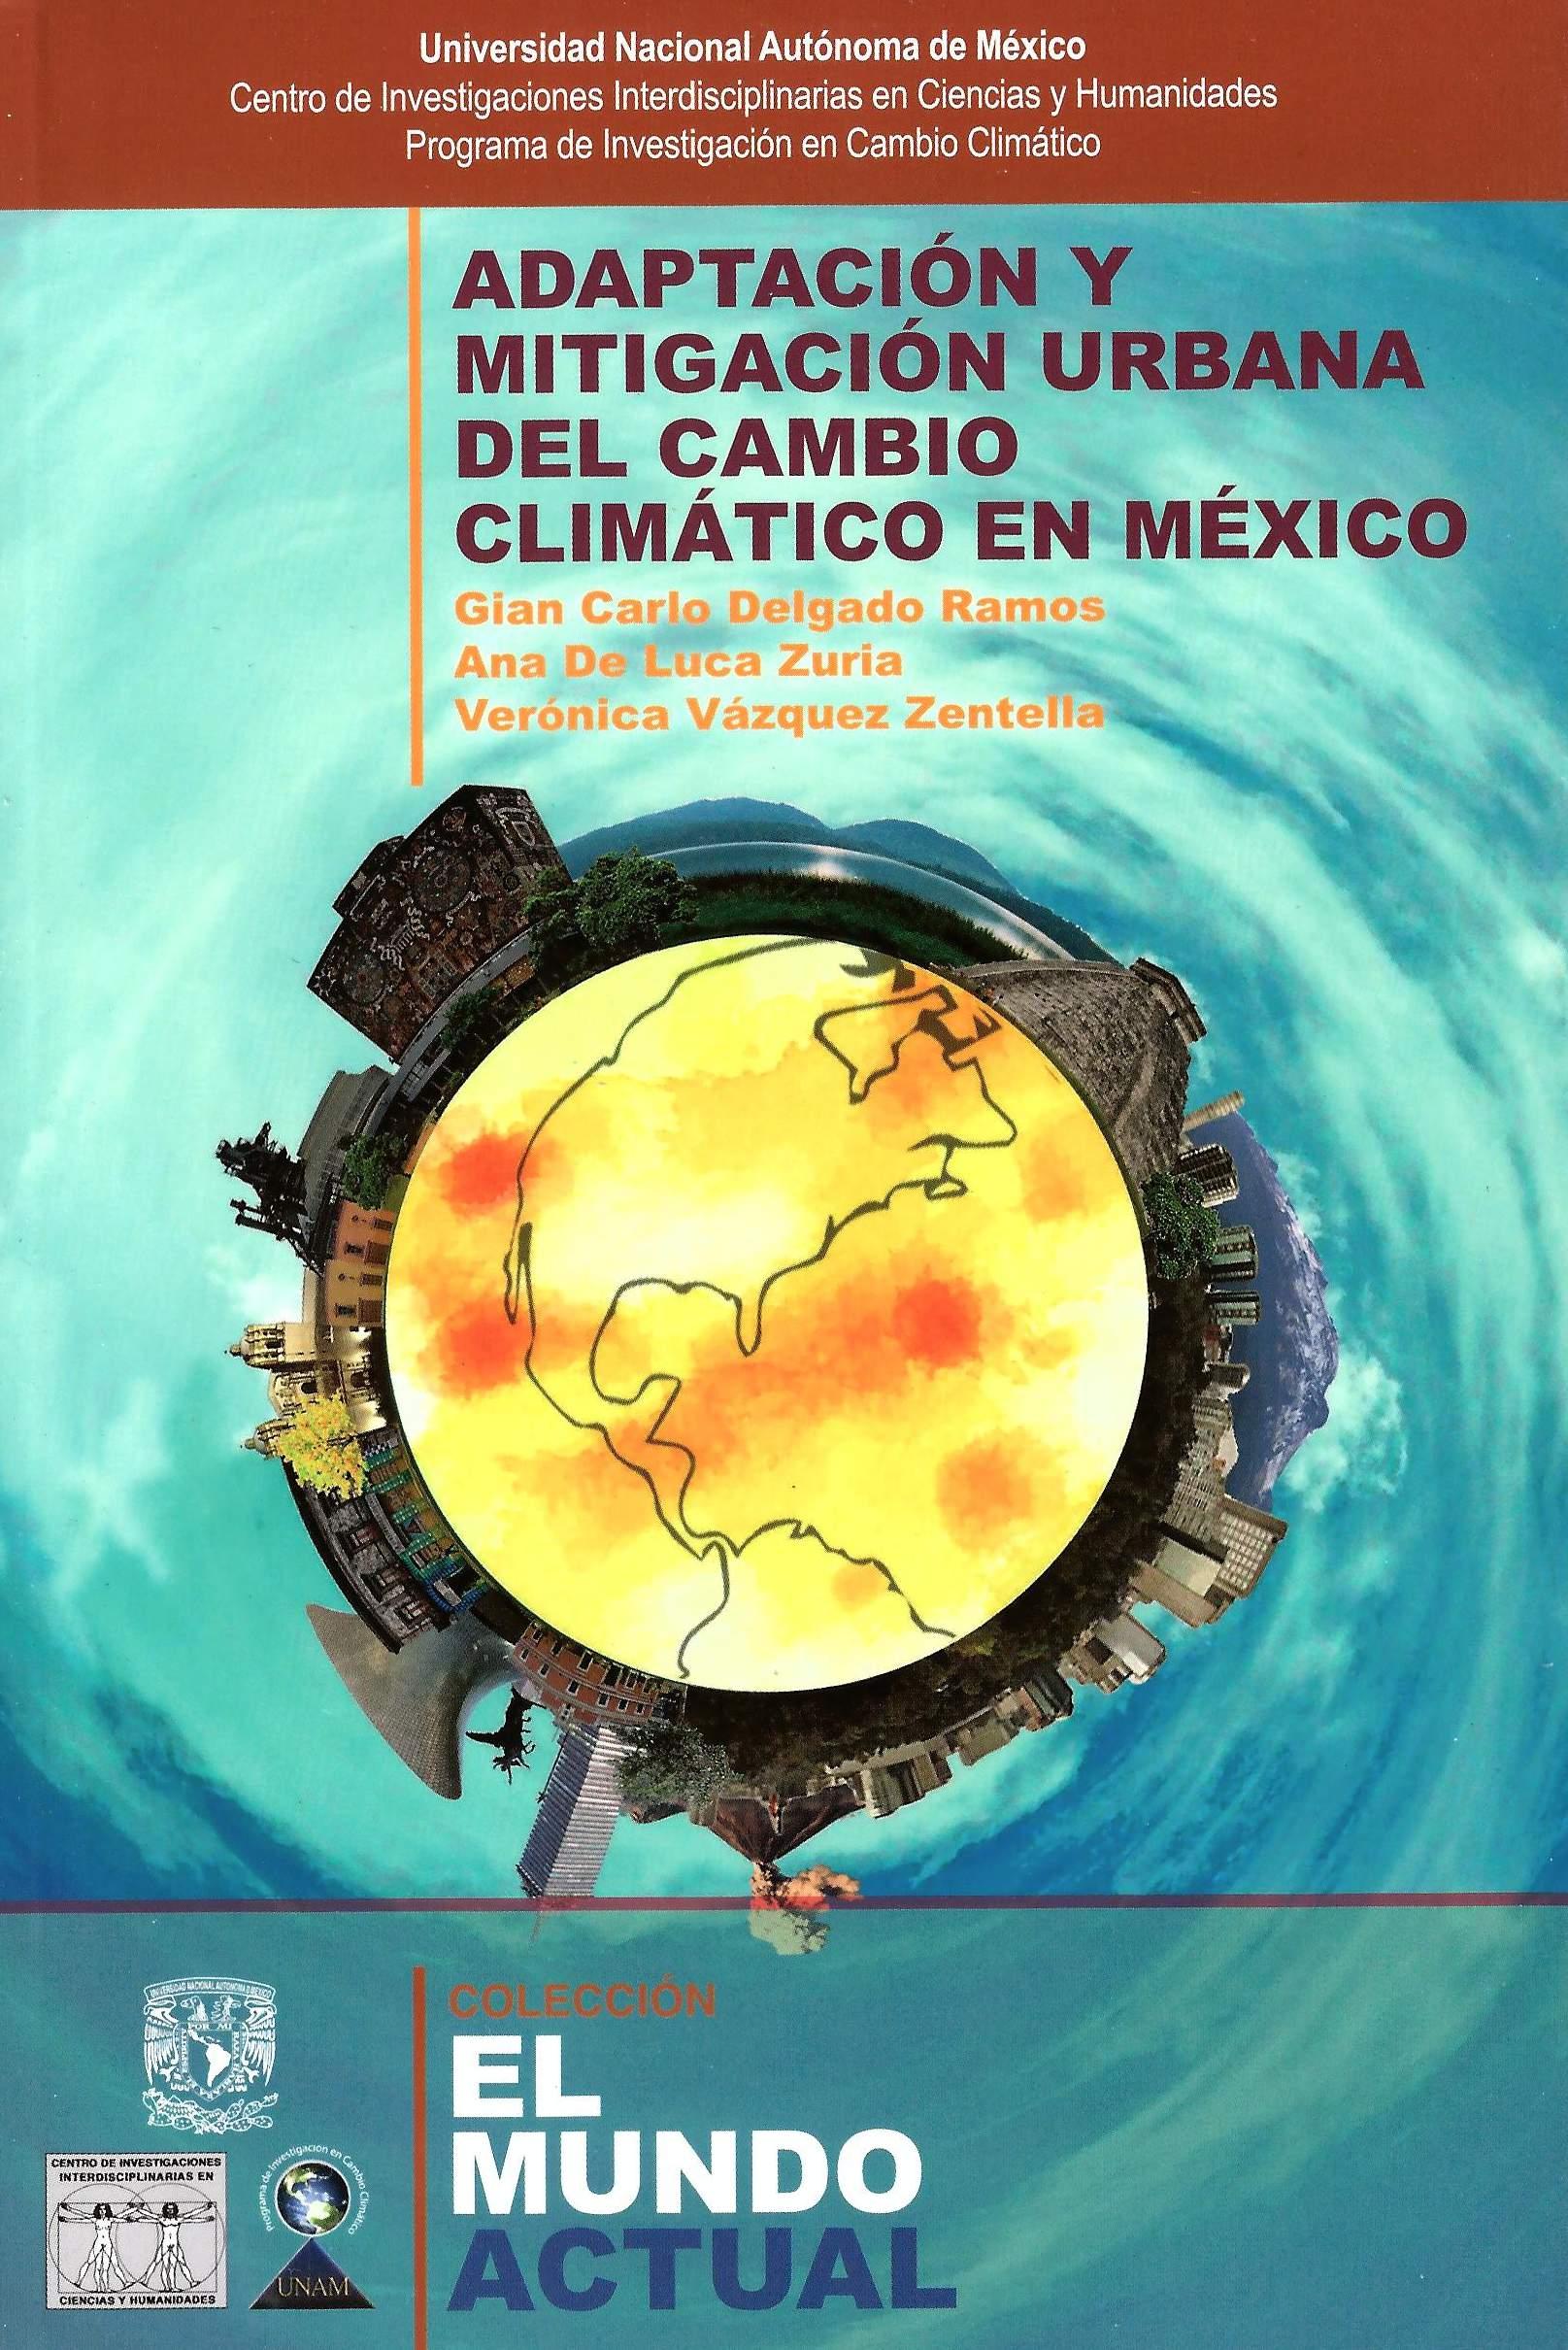 Adaptación y mitigación urbana del cambio climático en México